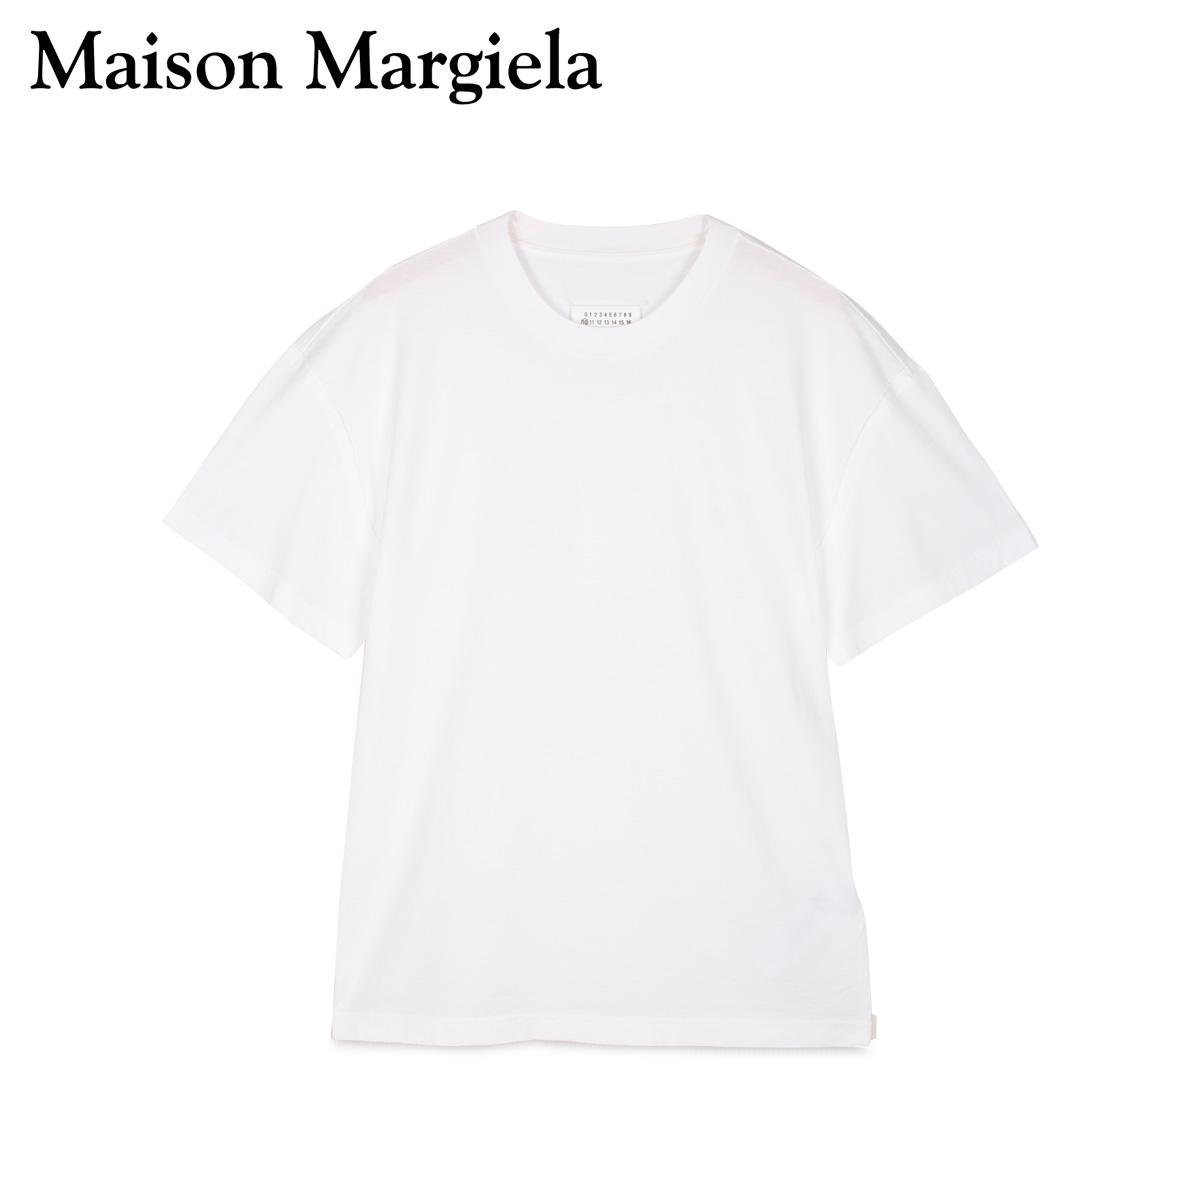 MAISON MARGIELA メゾンマルジェラ Tシャツ 半袖 メンズ T SHIRT ホワイト 白 S50GC0600-100